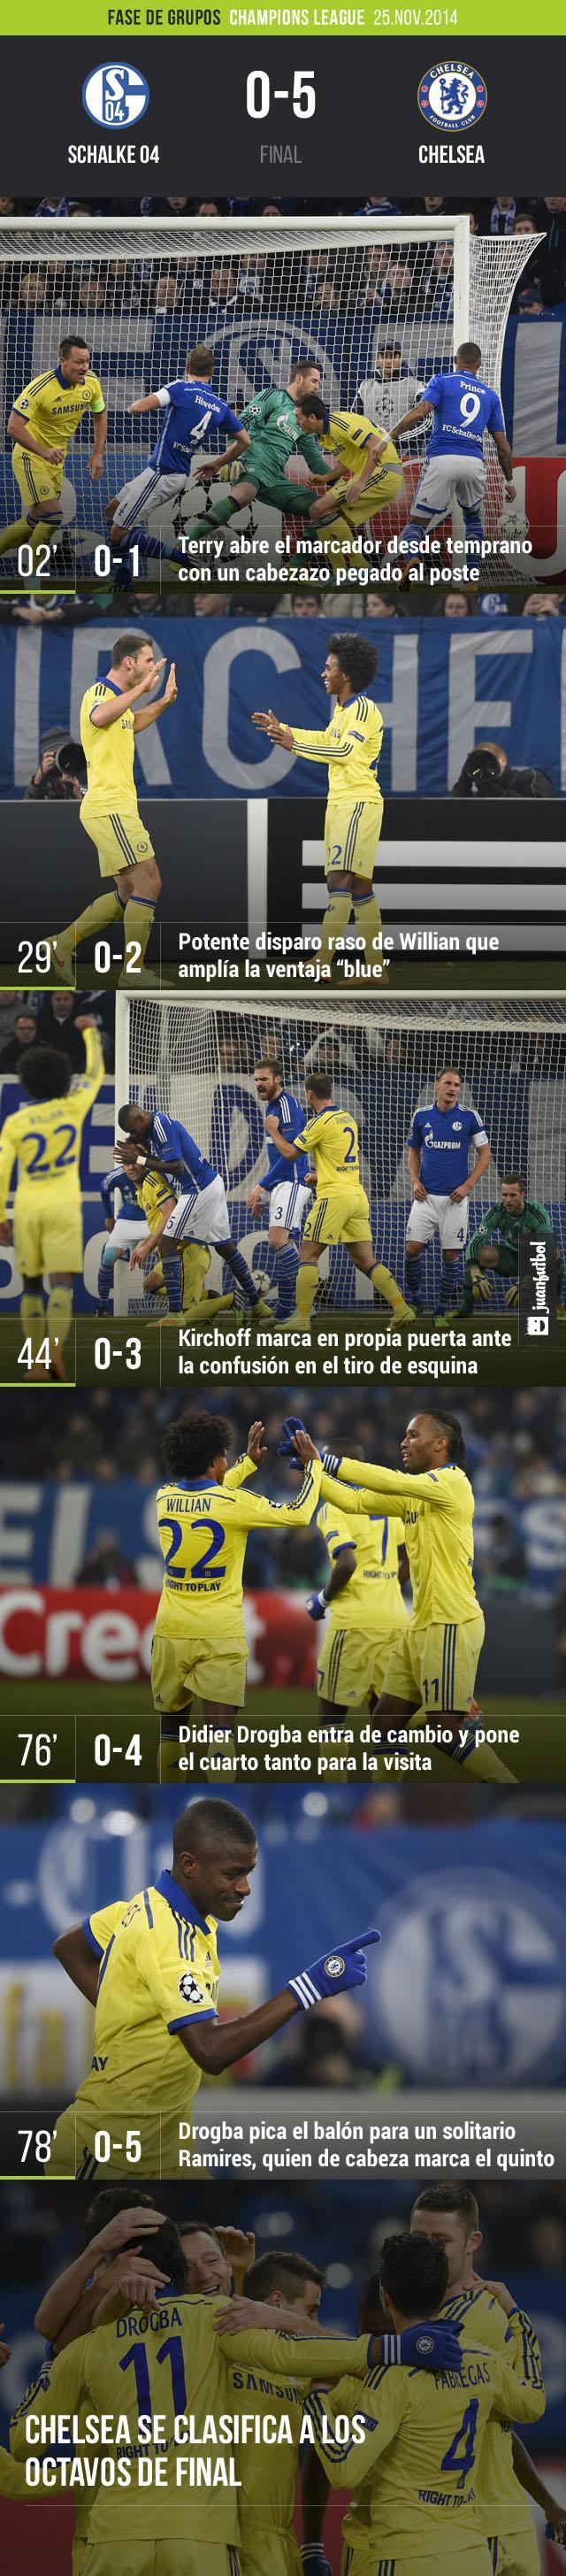 Chelsea aplastó 5-0 al Schalke 04 y se clasificó a los octavos de final de la Champions League.